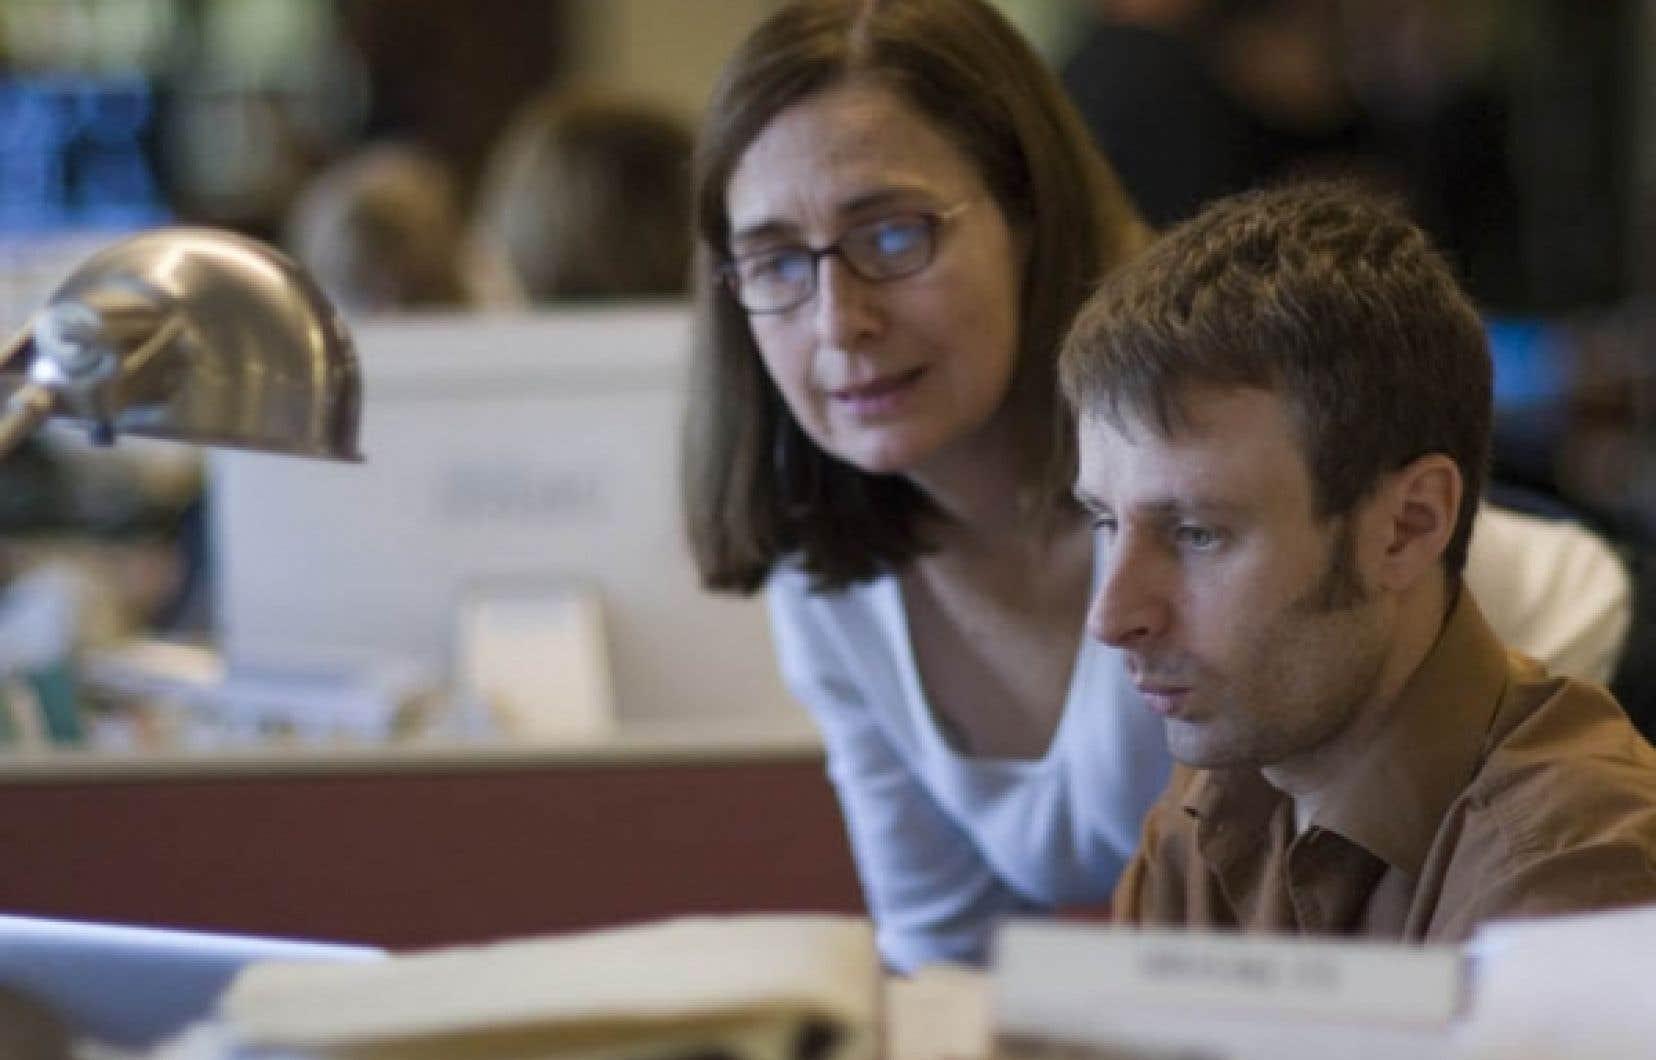 Nicolas Dickner et son acolyte pour la journ&eacute;e, la journaliste scientifique Pauline Gravel, dans le feu de l&rsquo;action.<br />